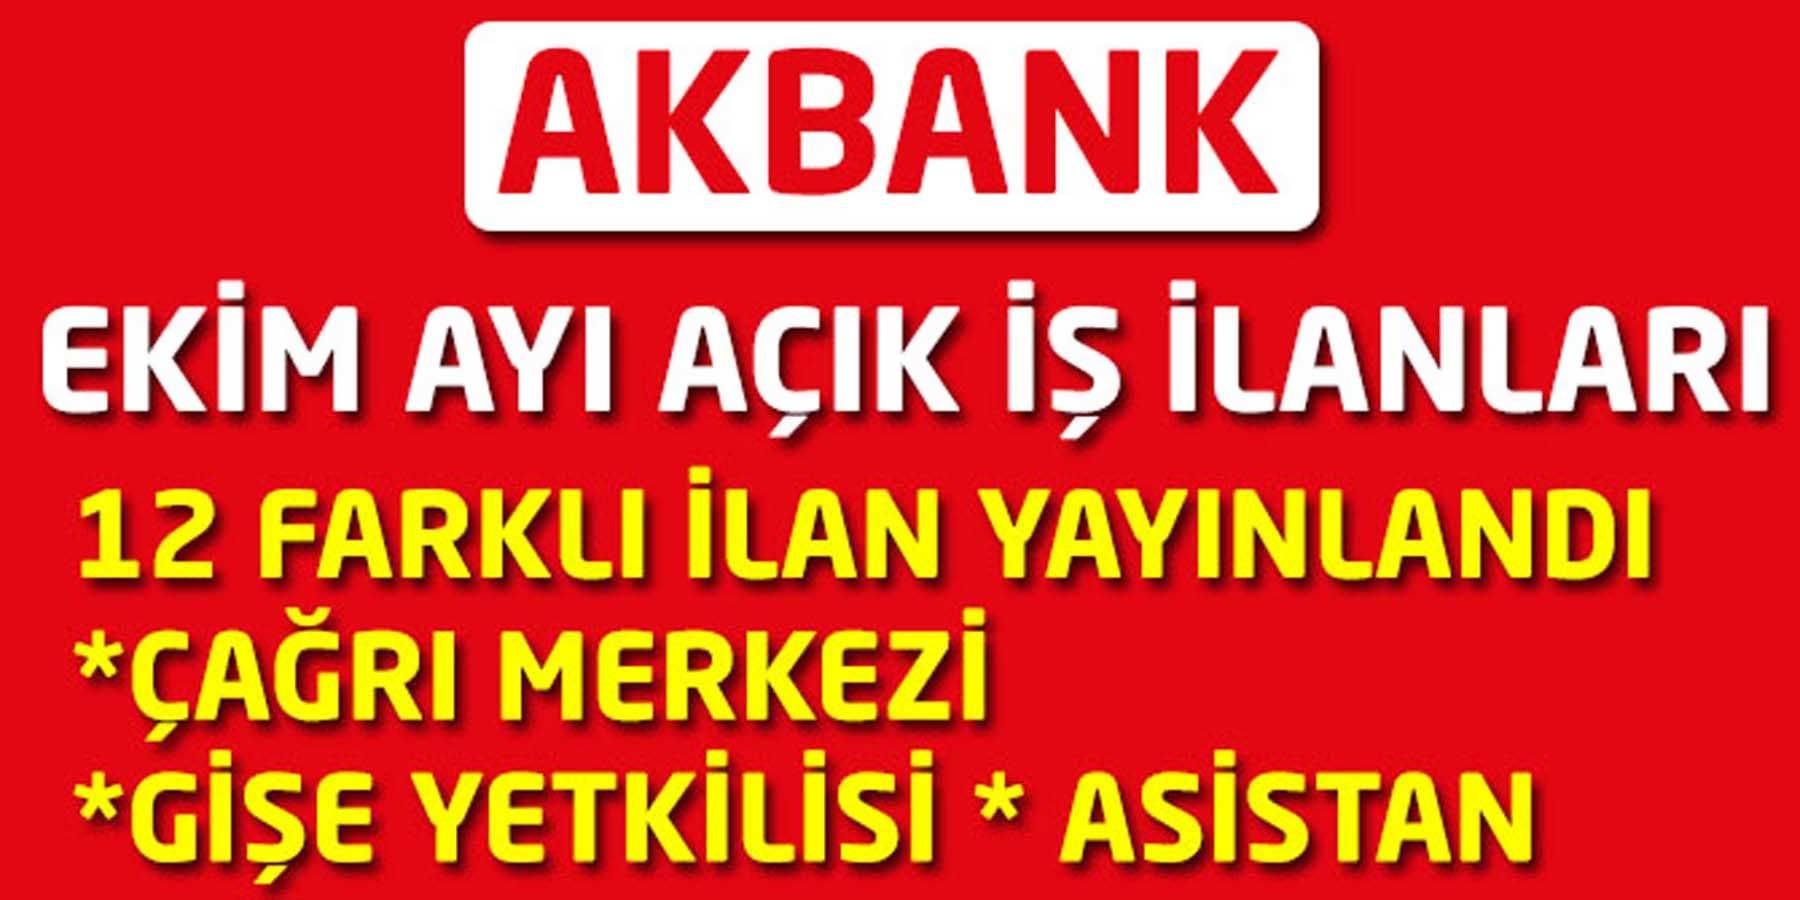 Akbank Ekim Ayı Açık İş İlanları Yeni Personel Alımı Başladı